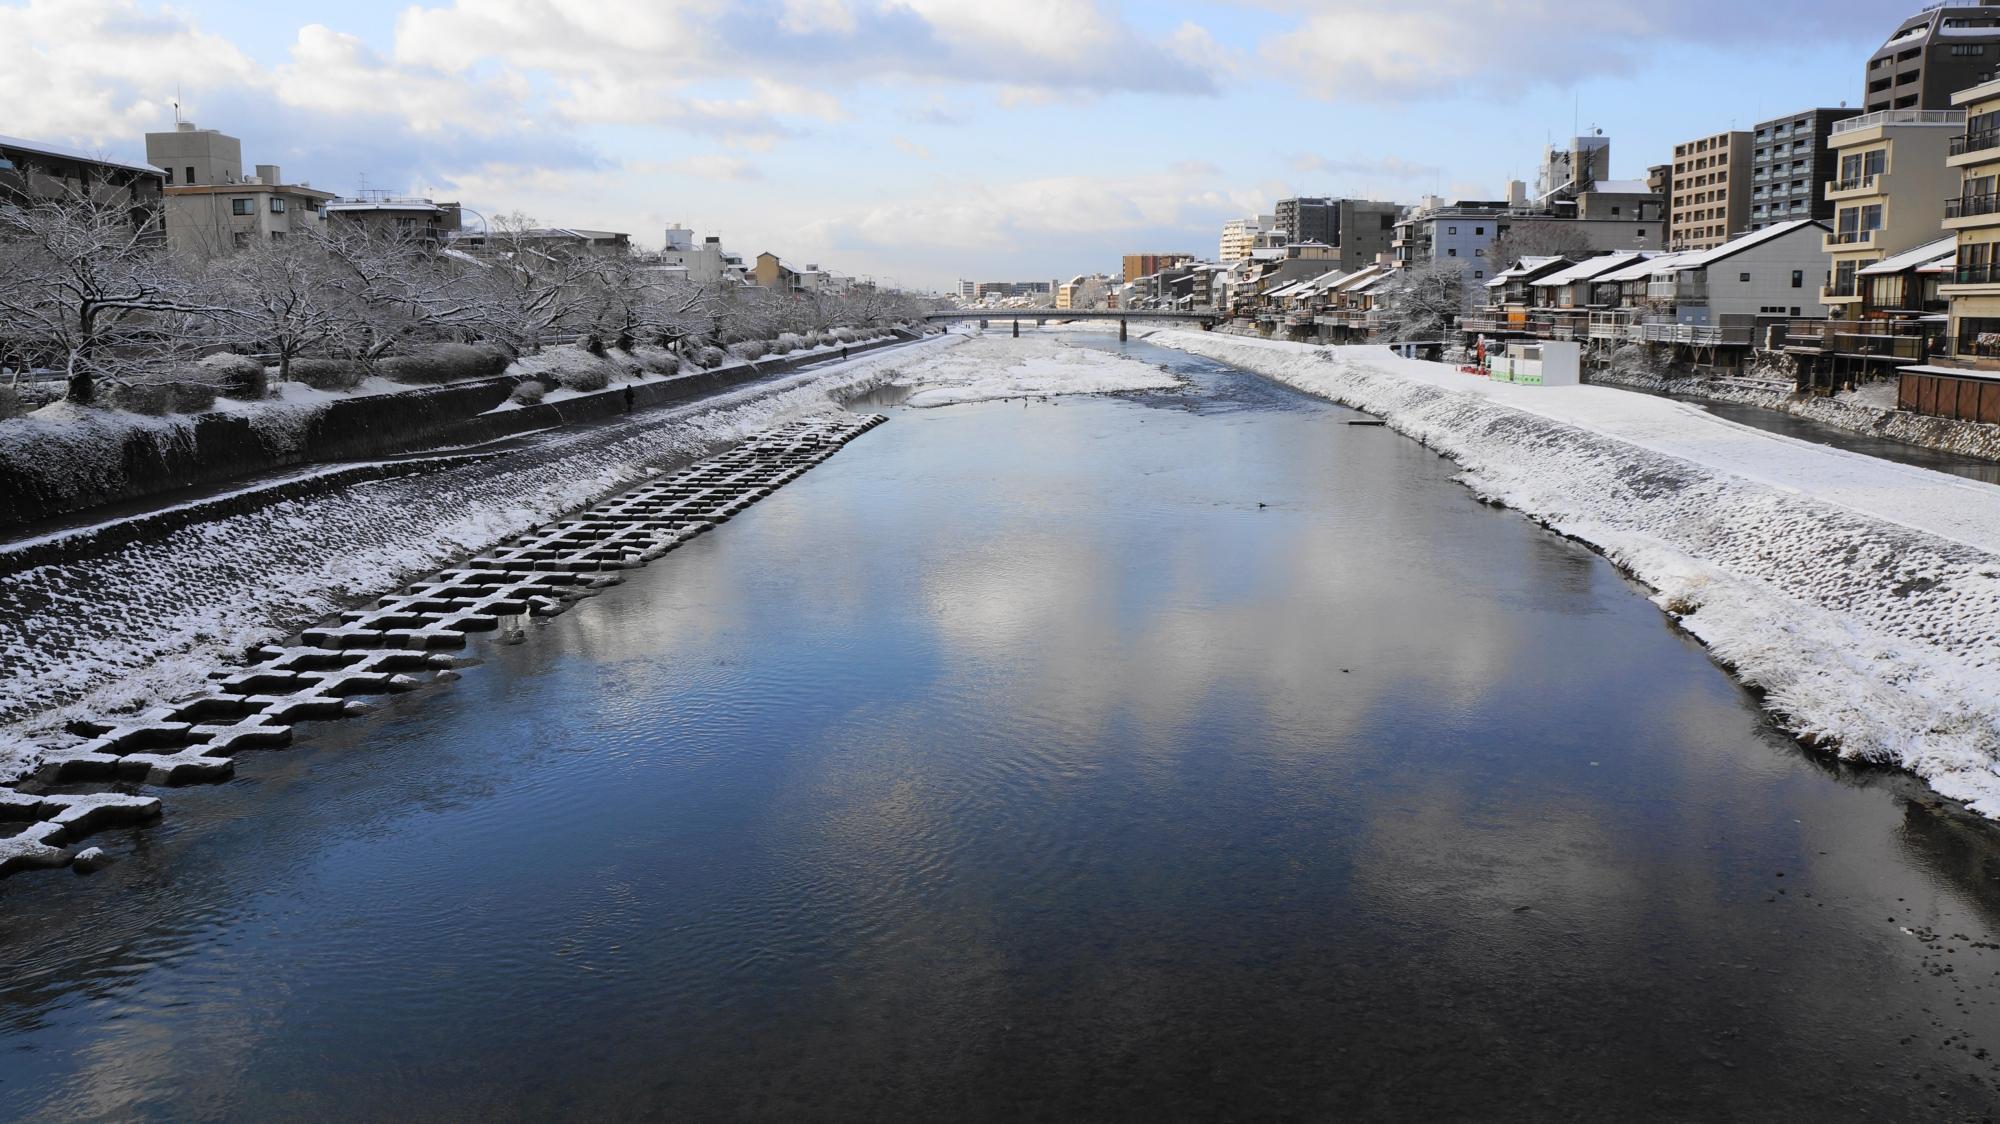 団栗橋から眺めた五条方面の鴨川の雪景色